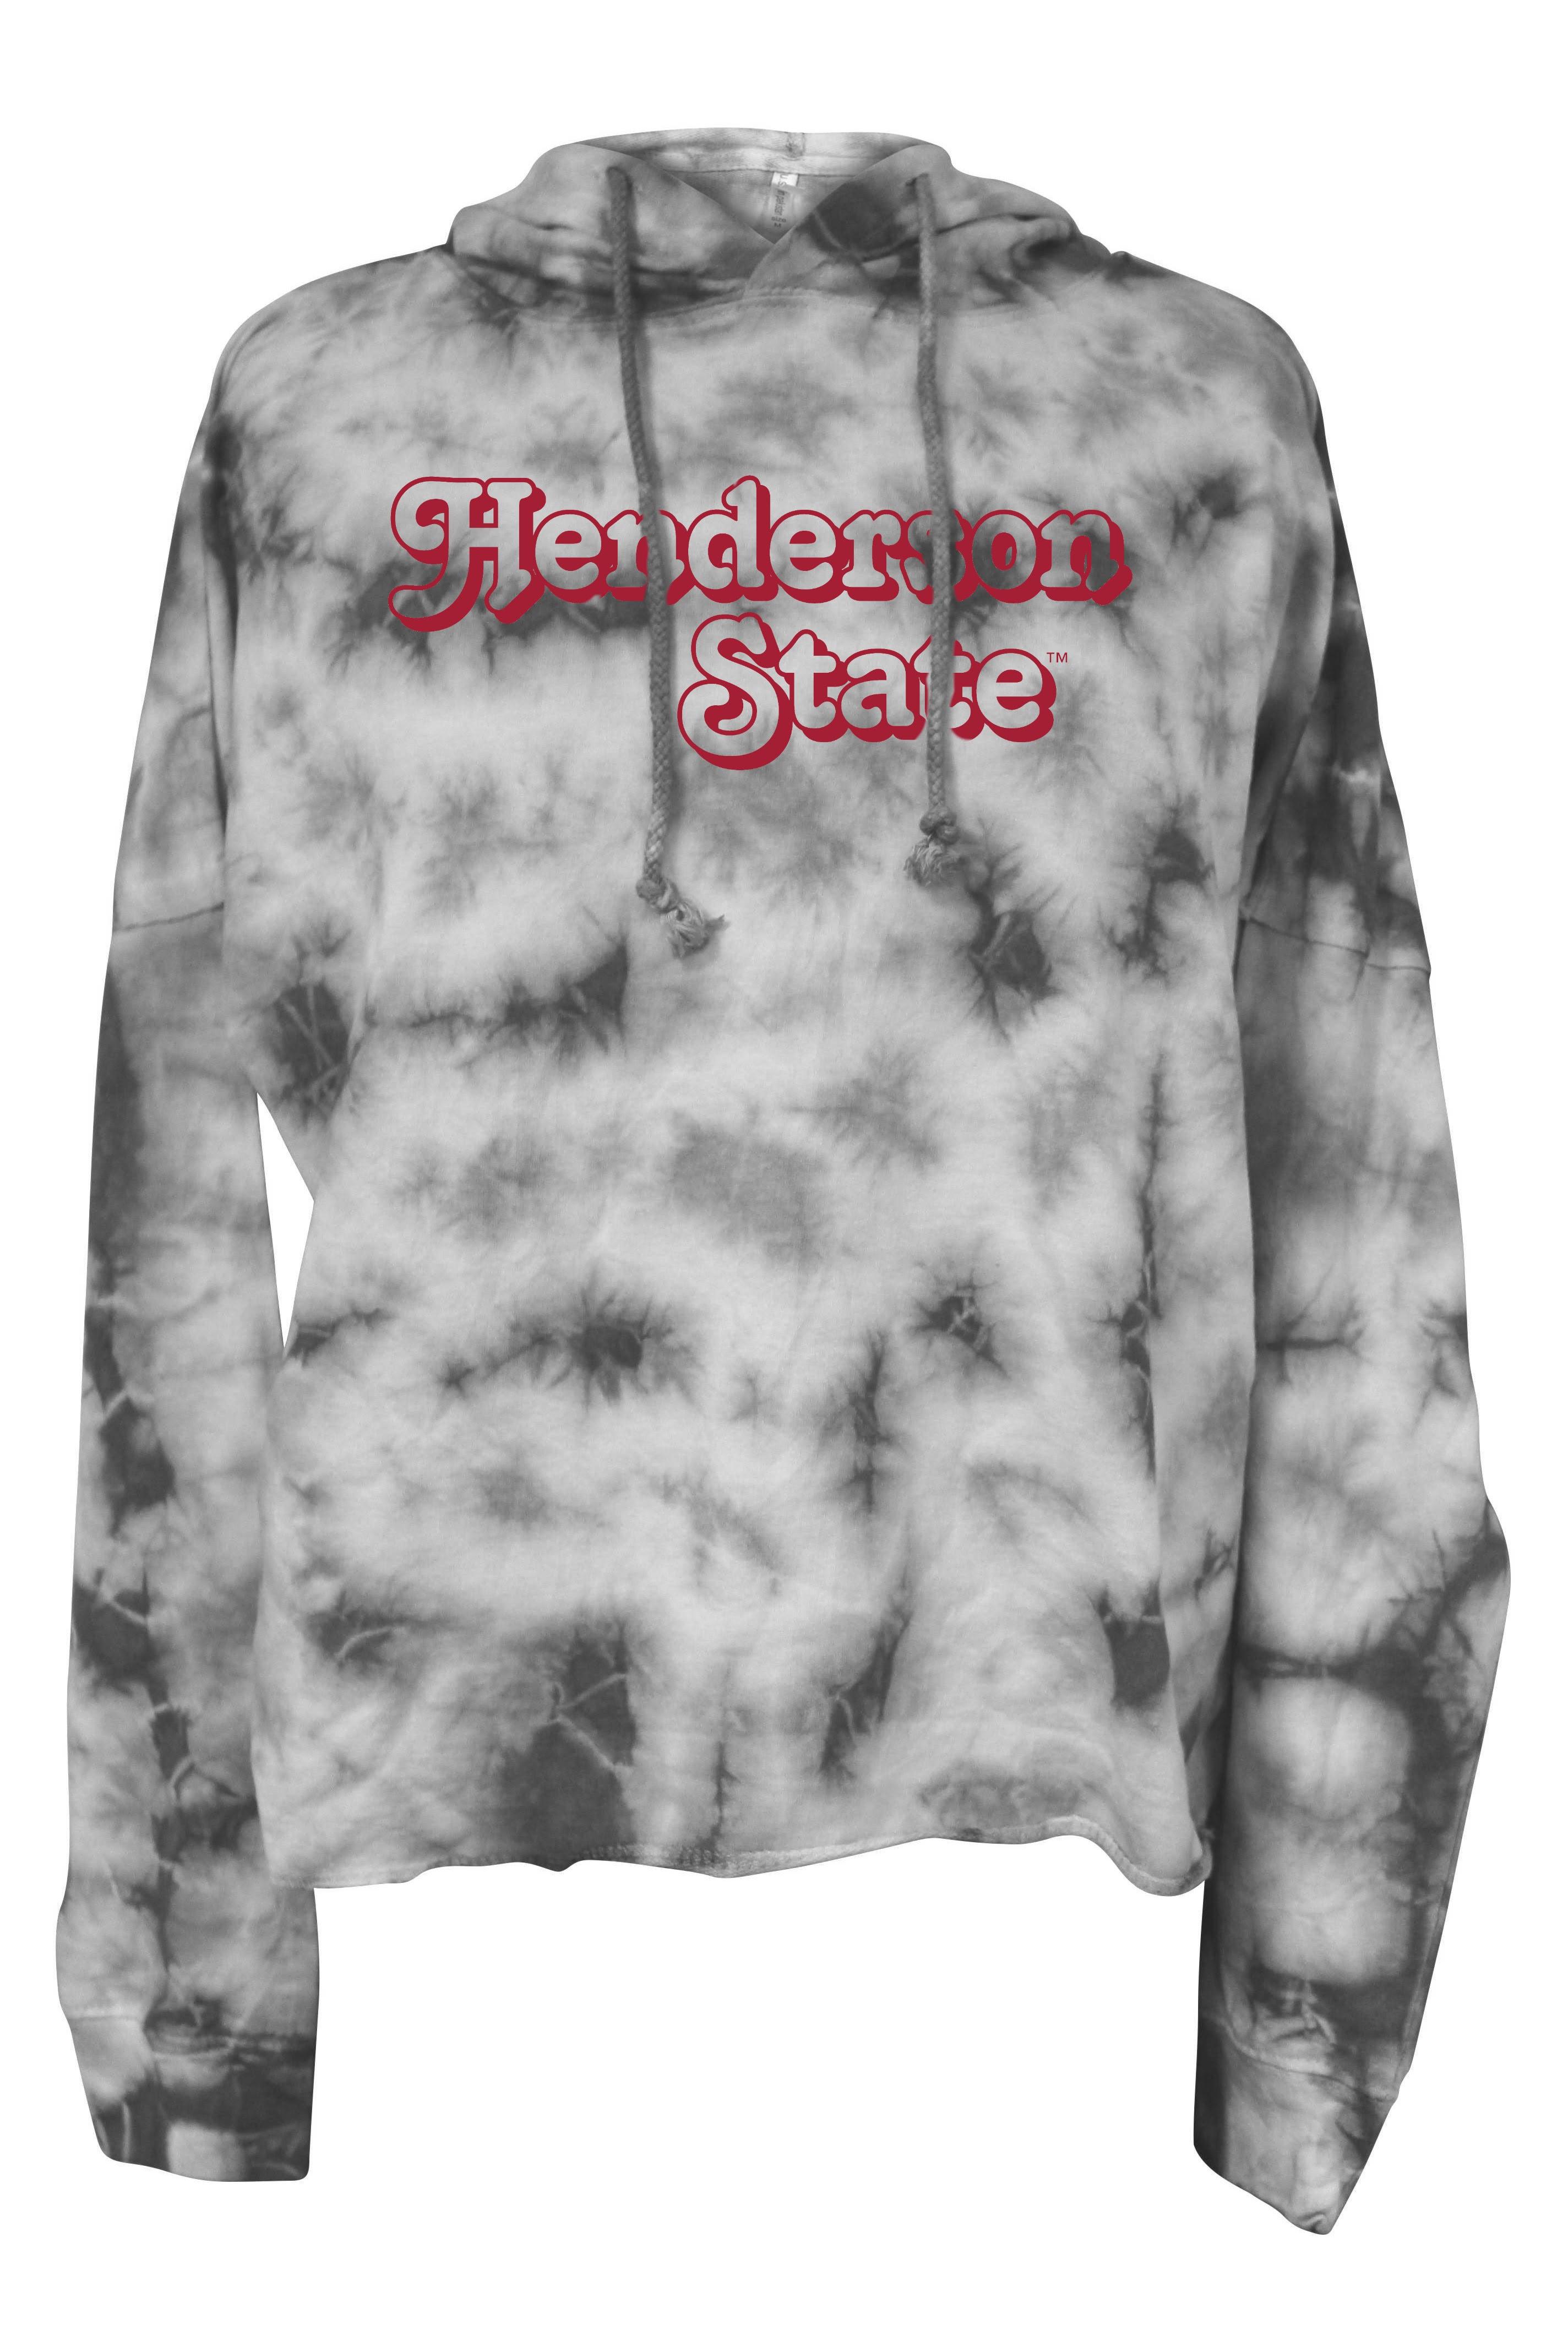 Henderson State Tie Dye Hoodie